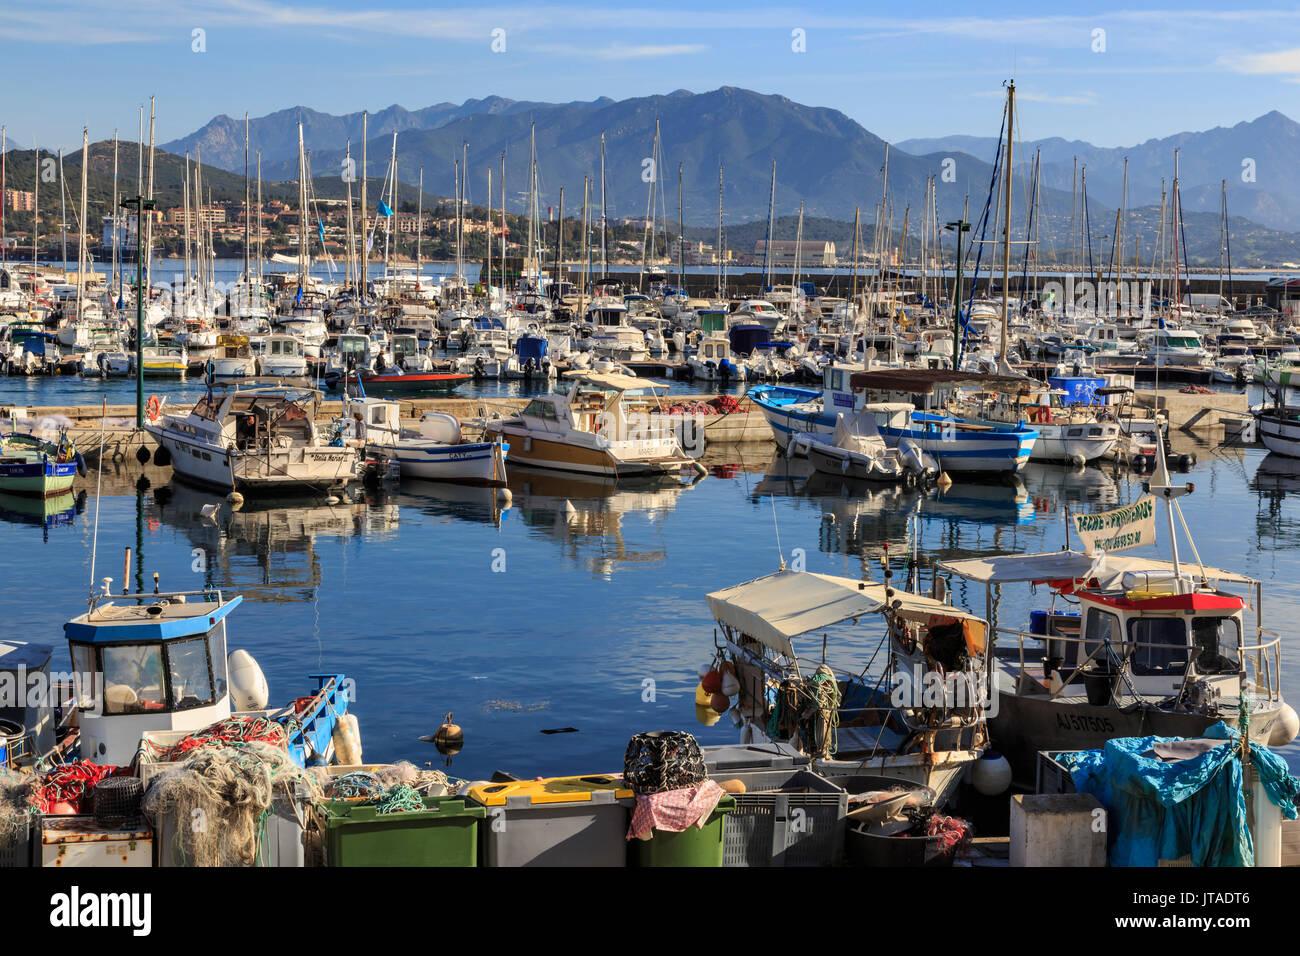 Vieux Port avec bateaux de pêche et yachts, vue de montagnes lointaines, Ajaccio, Corse, France, Europe, Méditerranée Photo Stock